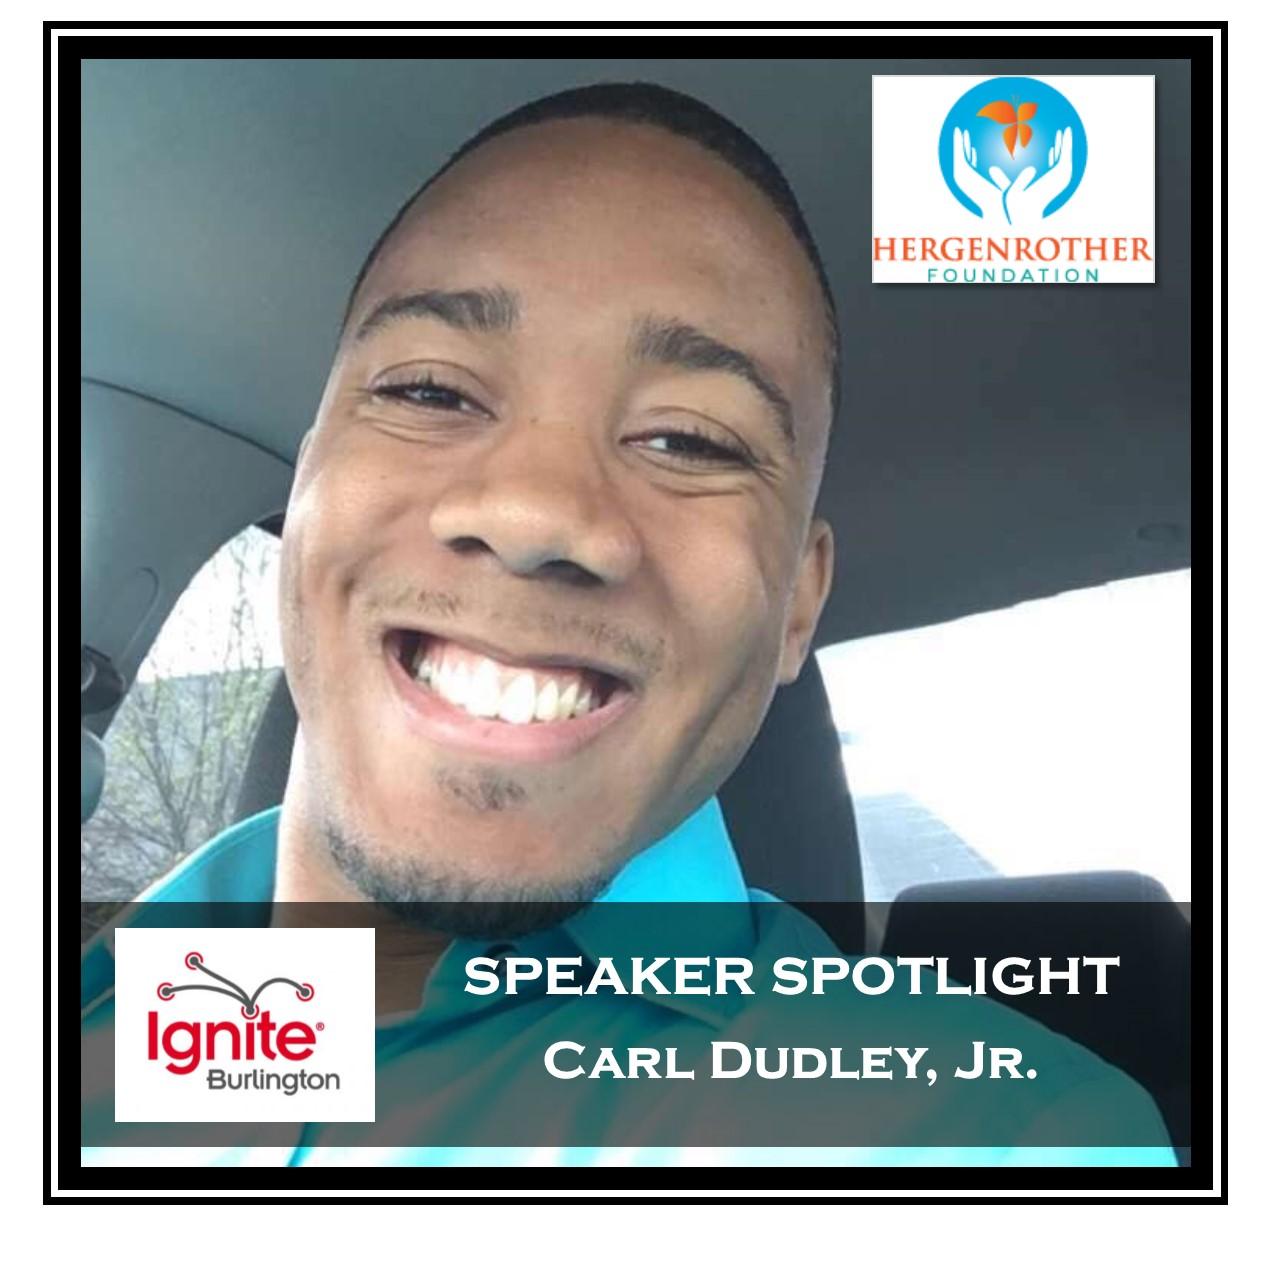 speaker-spotlight-c-dudley